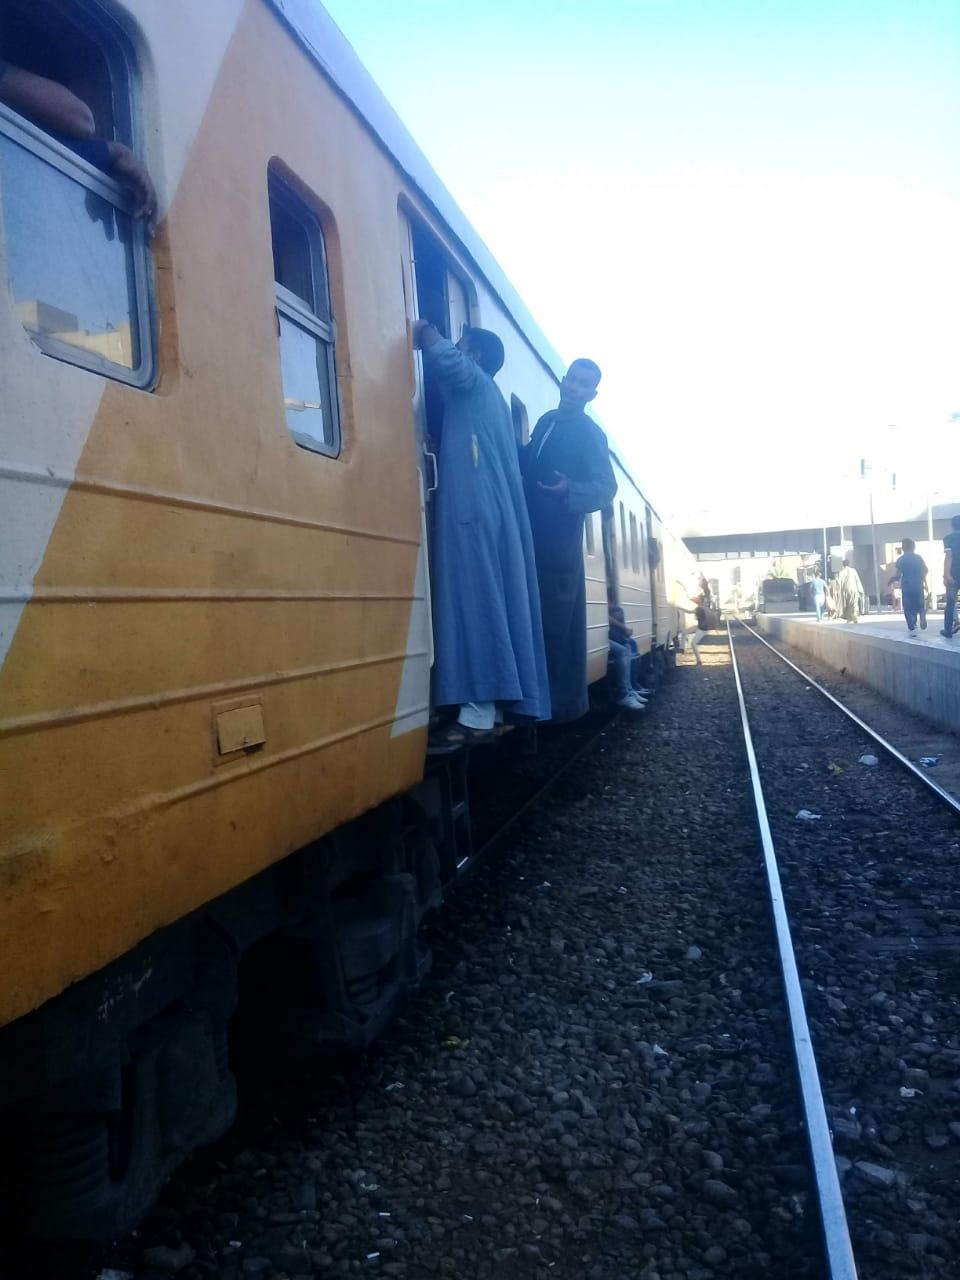 زحام شديد على قطار ركاب قنا الاقصر  (2)